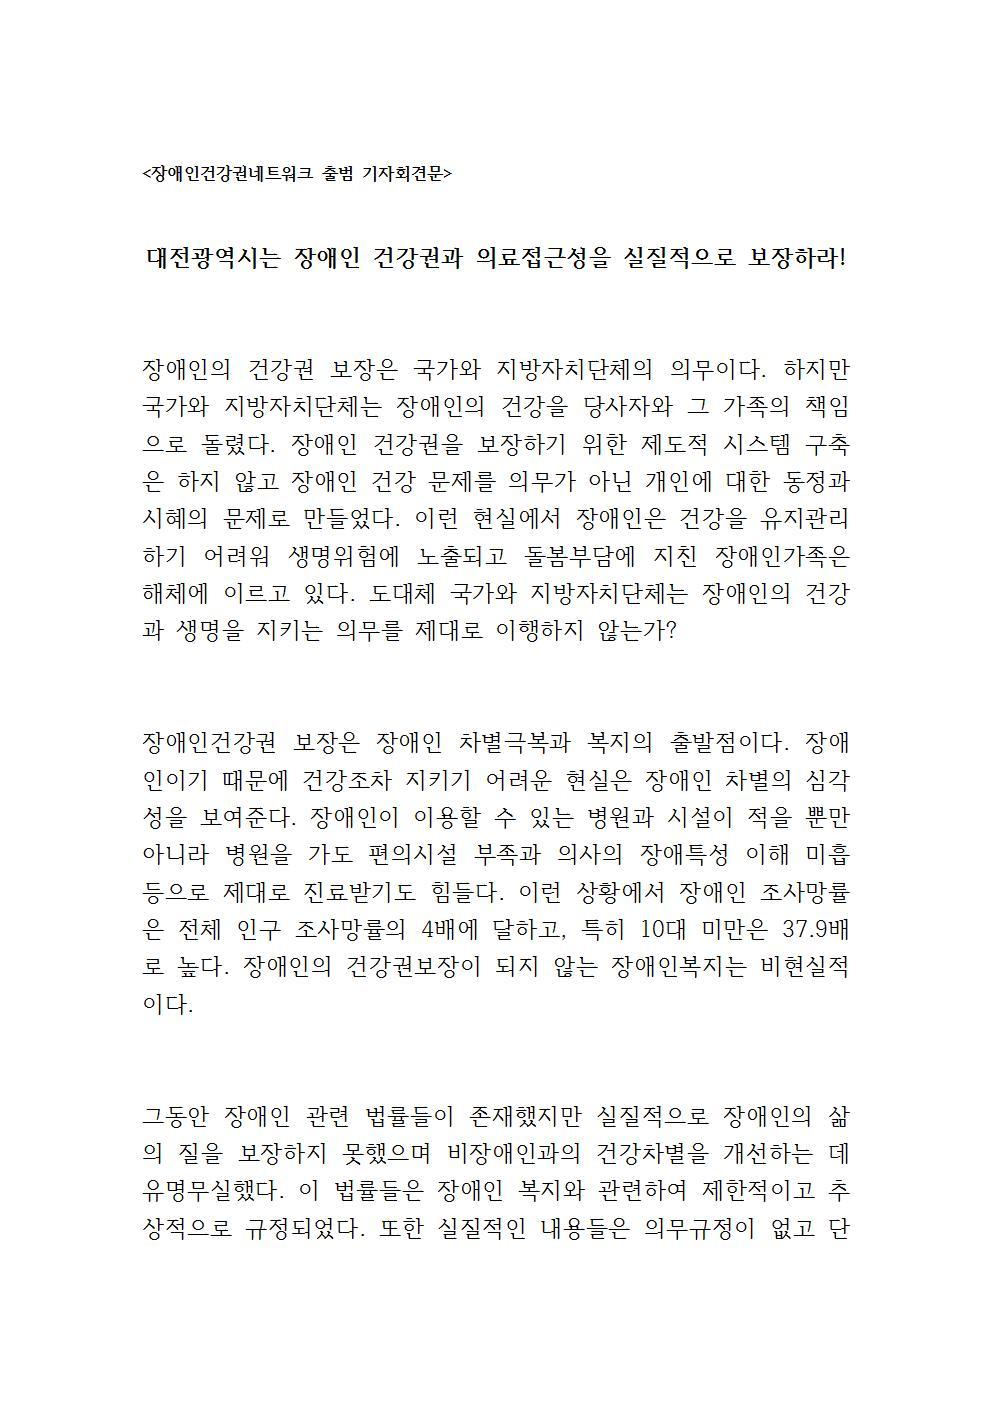 장애인건강권네트워크 출범 기자회견문001.jpg